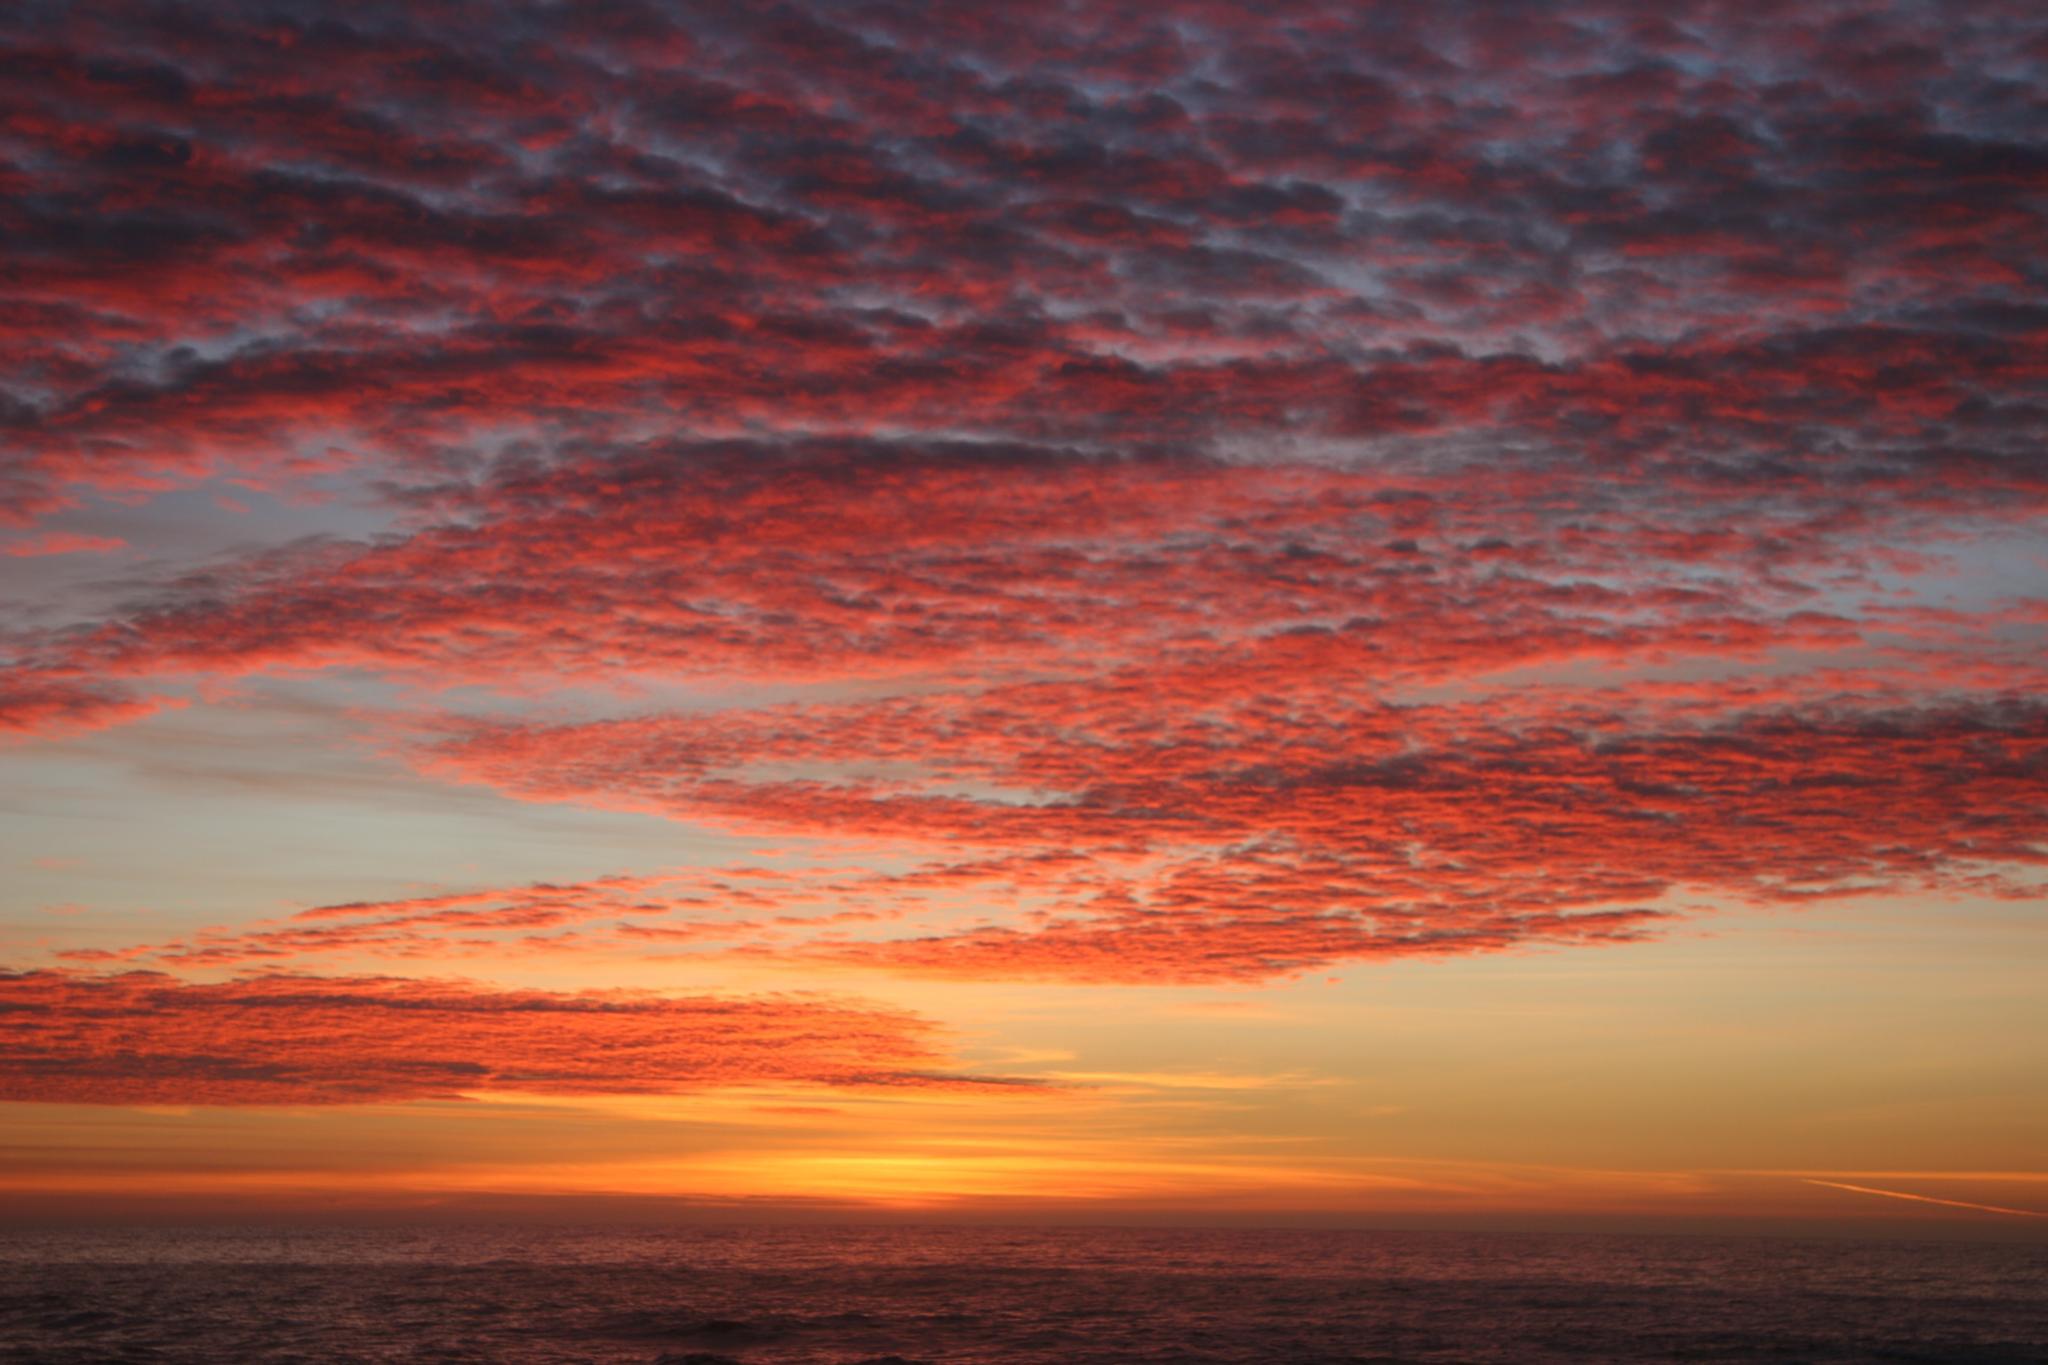 Algarve Sunset by Robert van Buuren